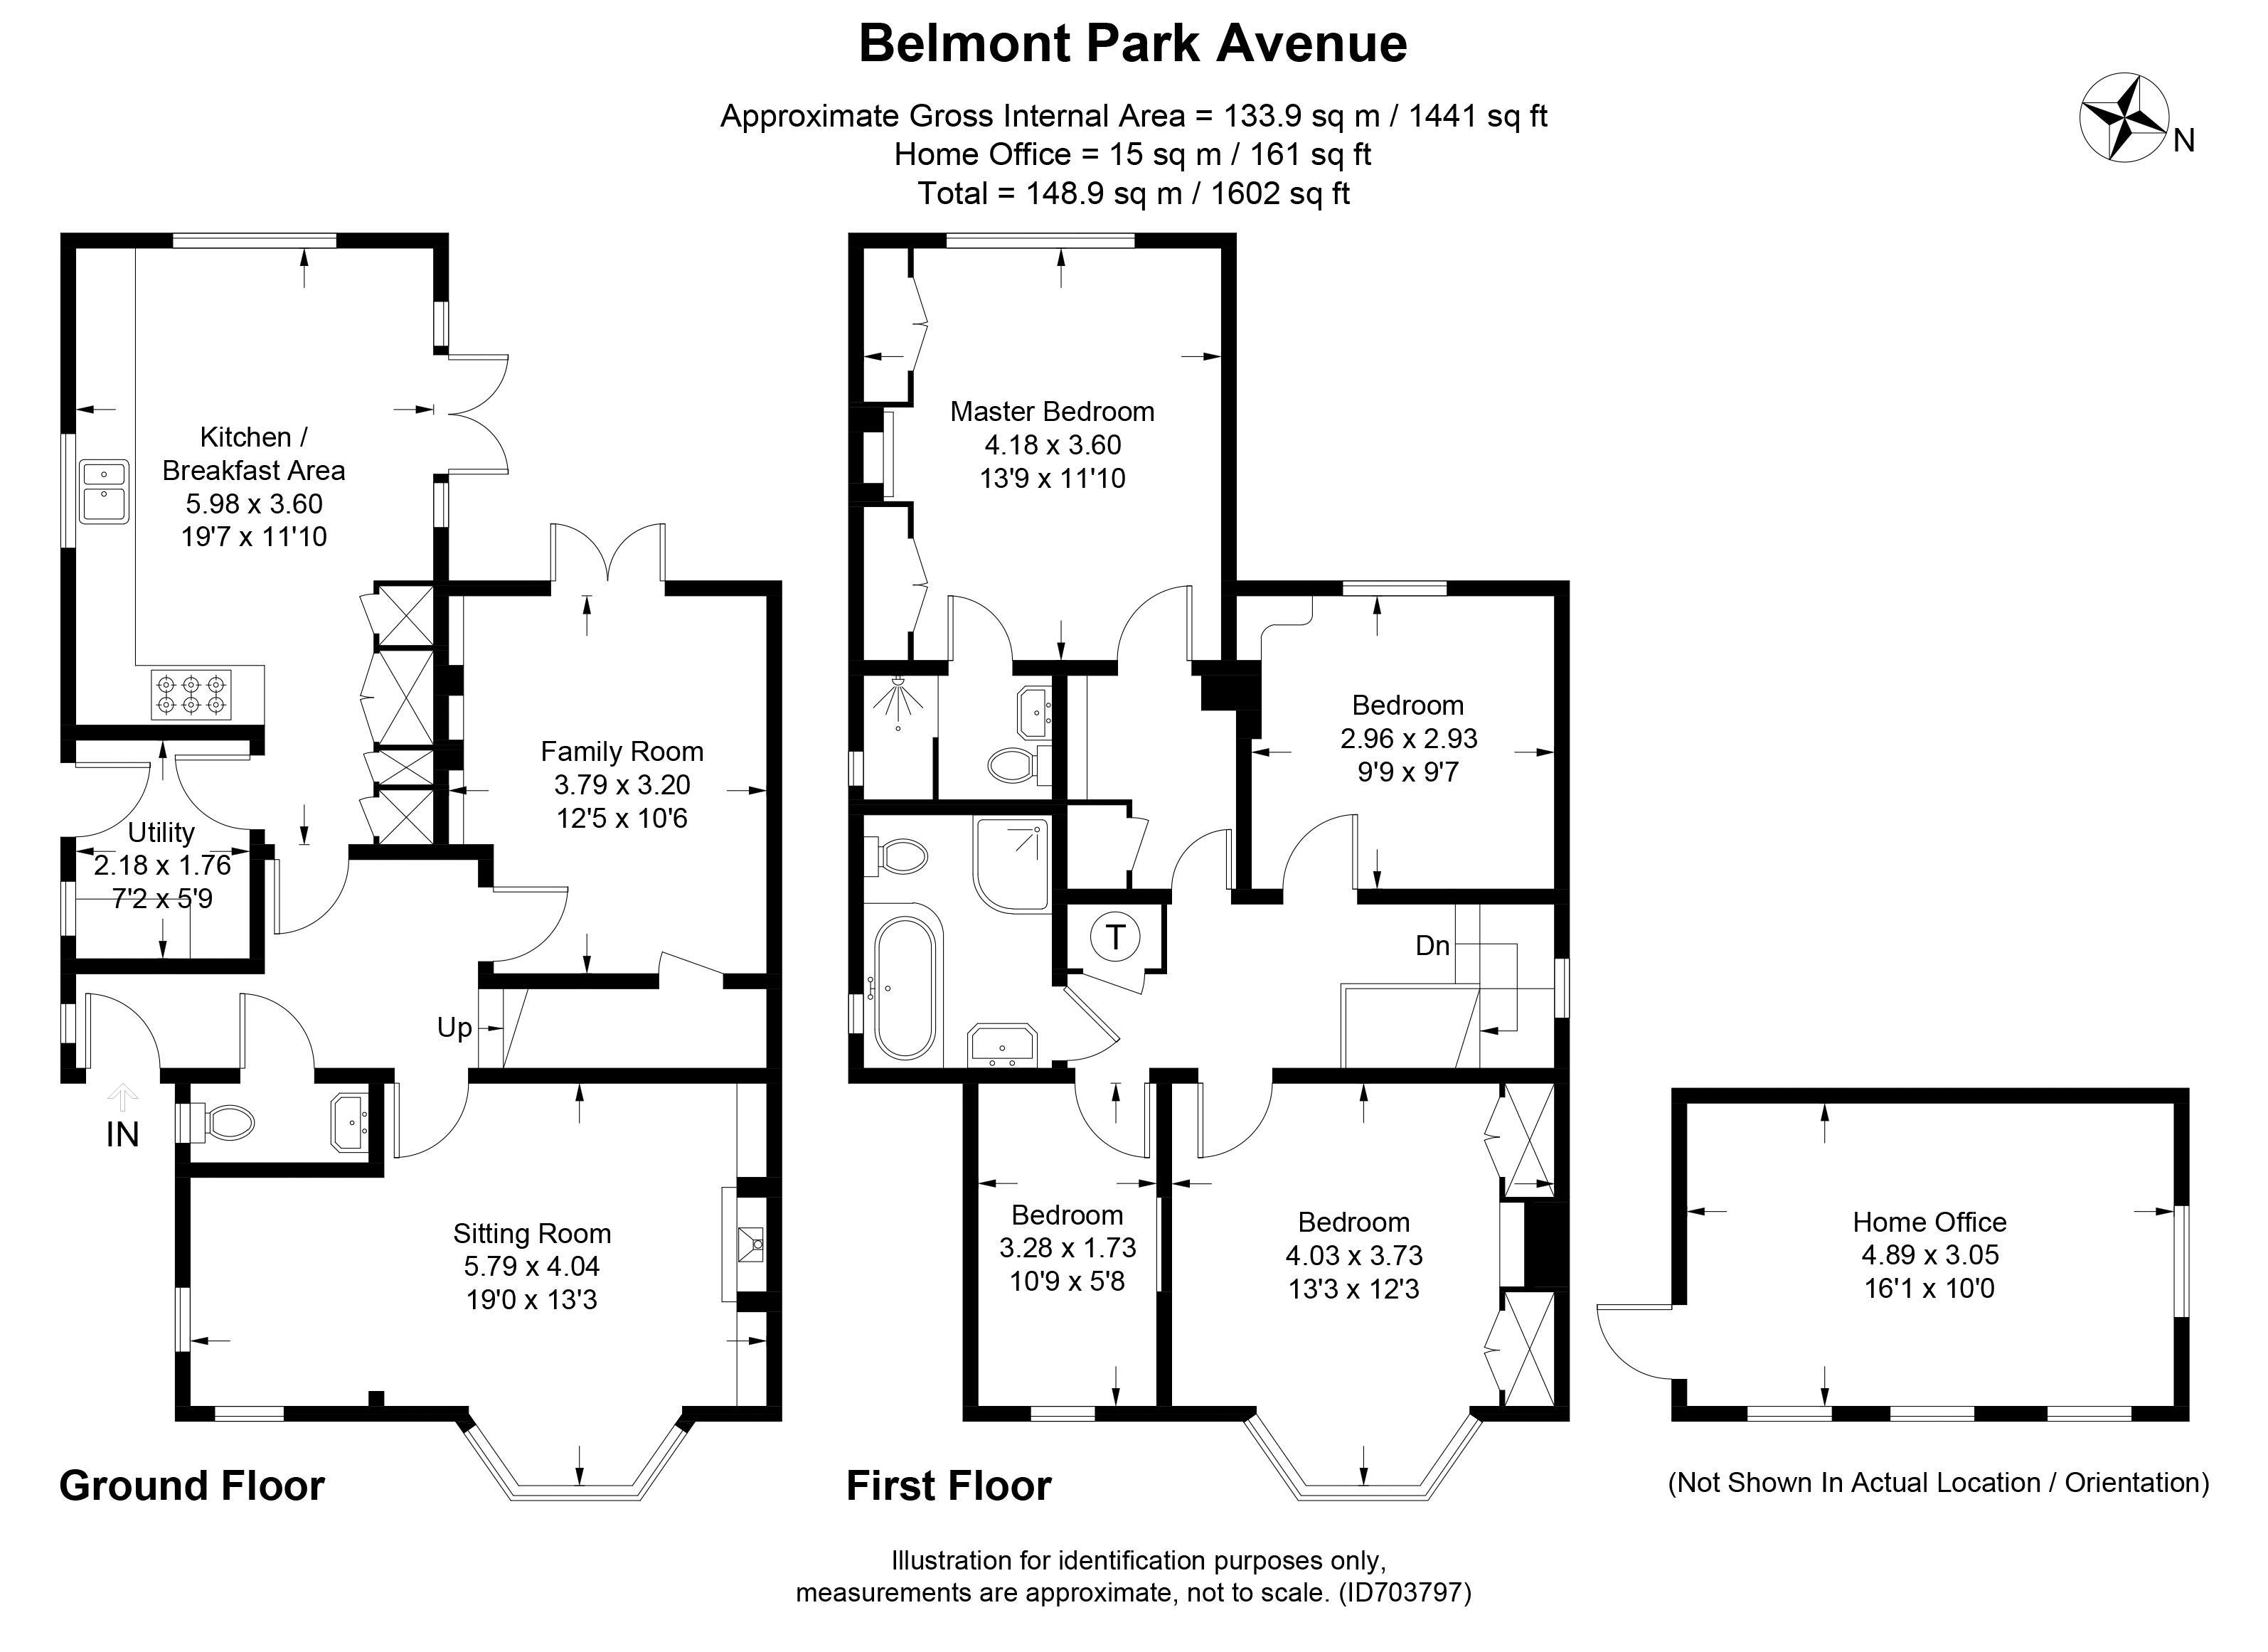 Belmont Park Avenue